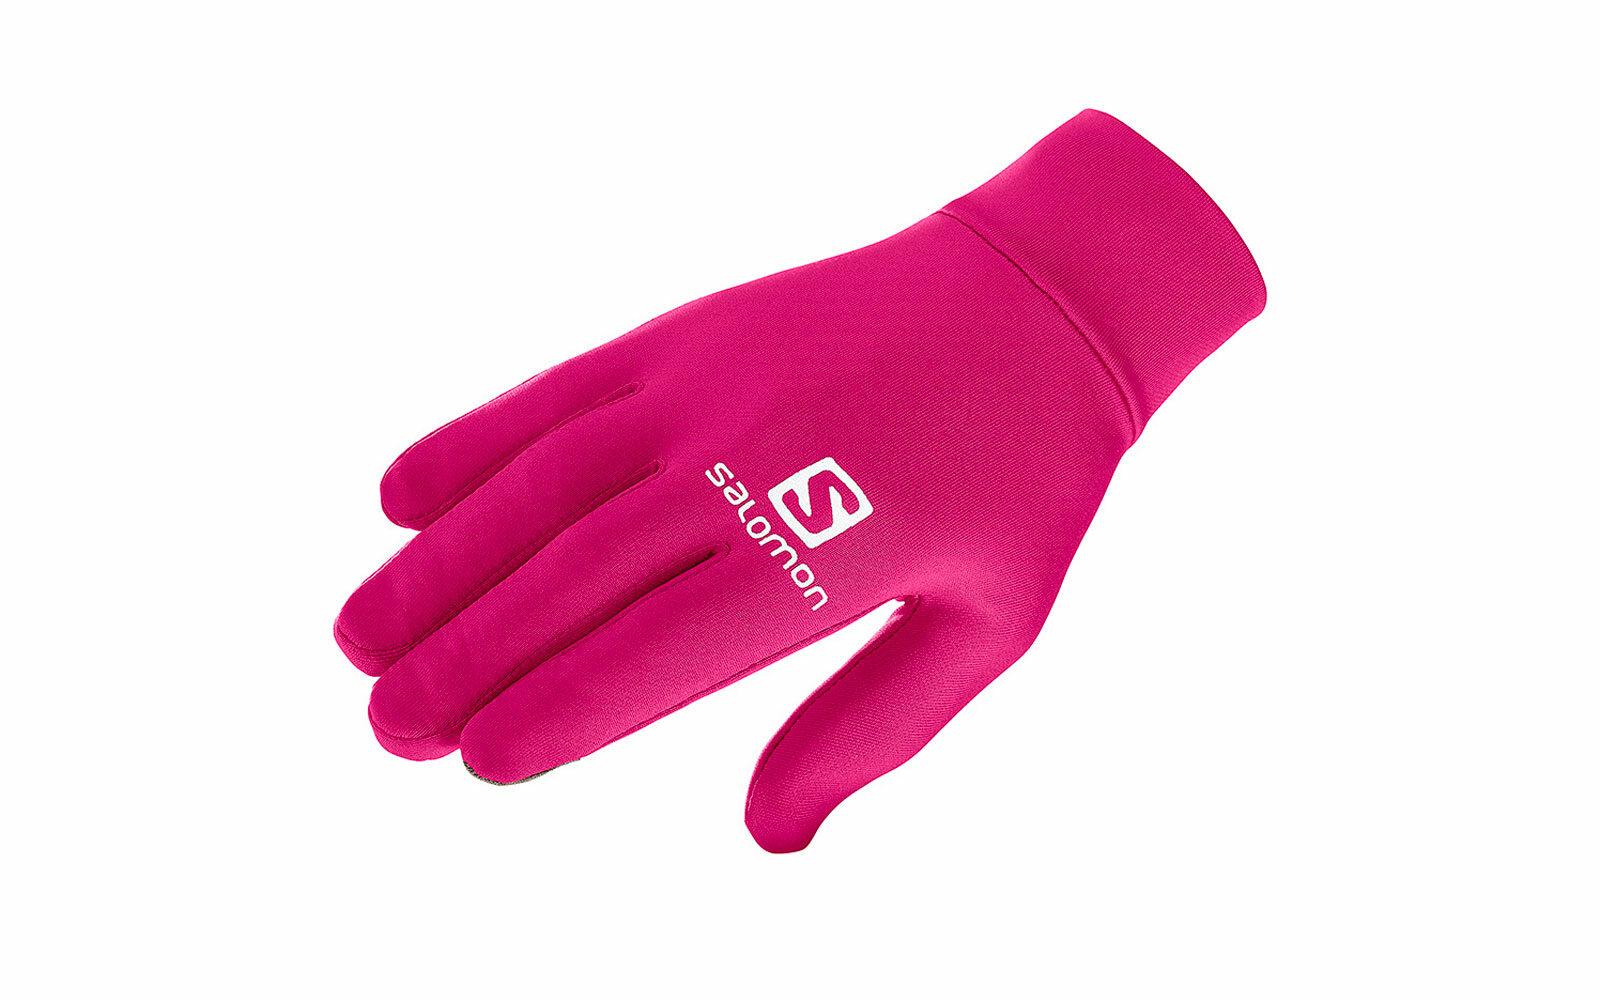 Salomon Agile Warm Glove U, in tessuto di spugna con chiusura elastica al polso, compatibili con i touchscreen, protettivi e traspiranti, euro 28